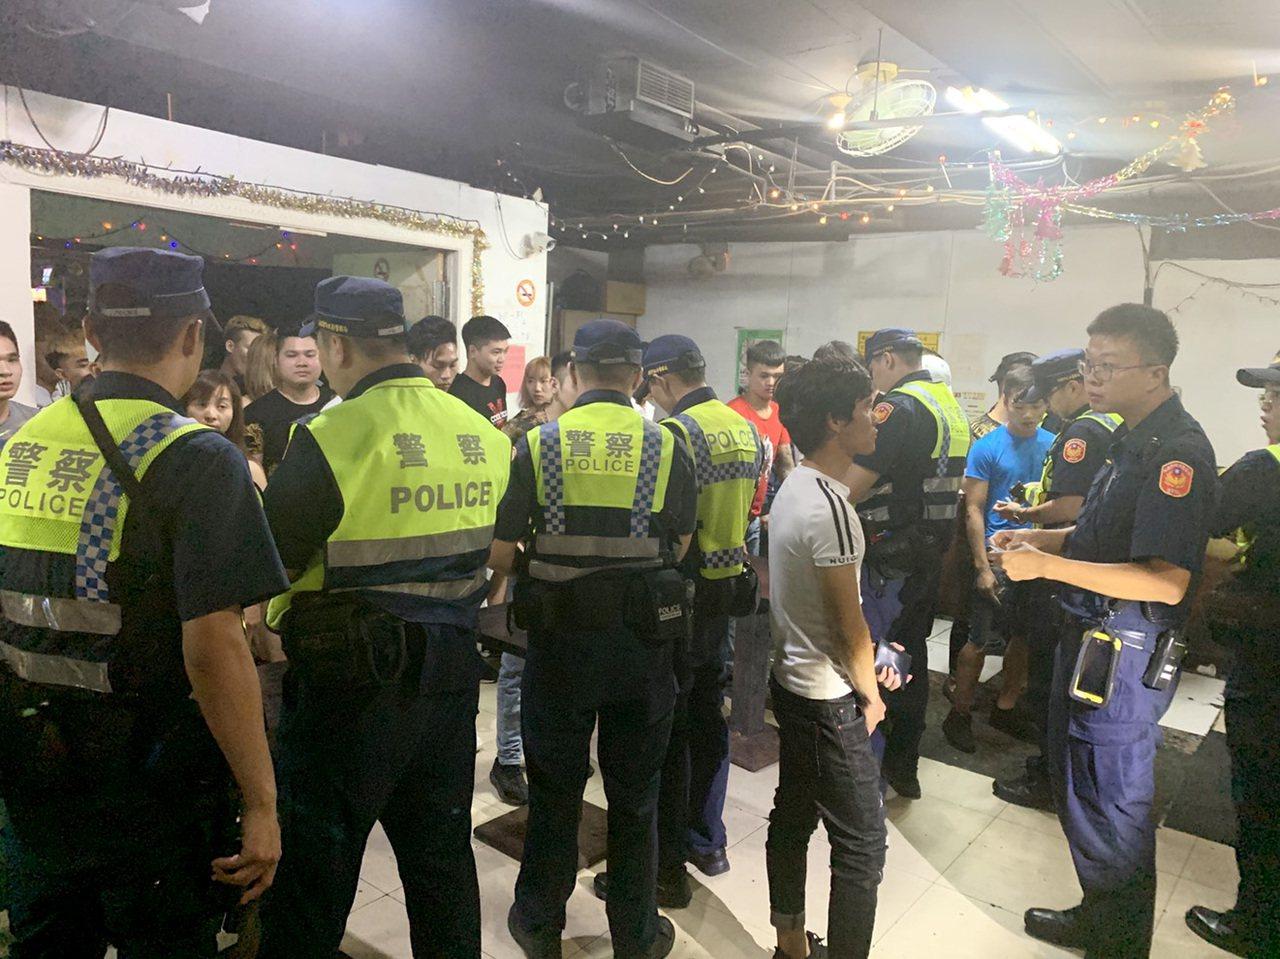 桃園警方與市政府聯合稽查外籍移工聚集舞廳等地點,查獲失聯移工及持有毒品移工送辦。...